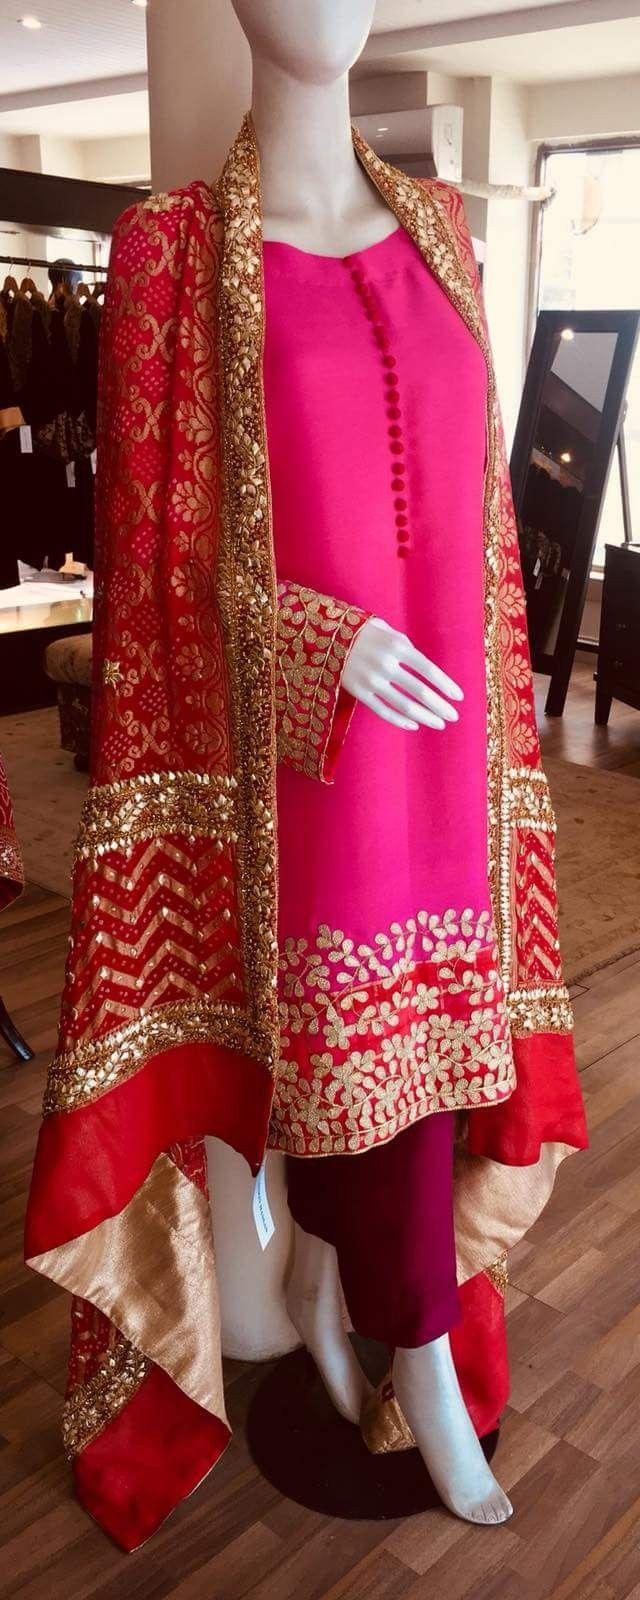 Pin de Alisha Patel en dress | Pinterest | Puros, Reciclado y Estilo